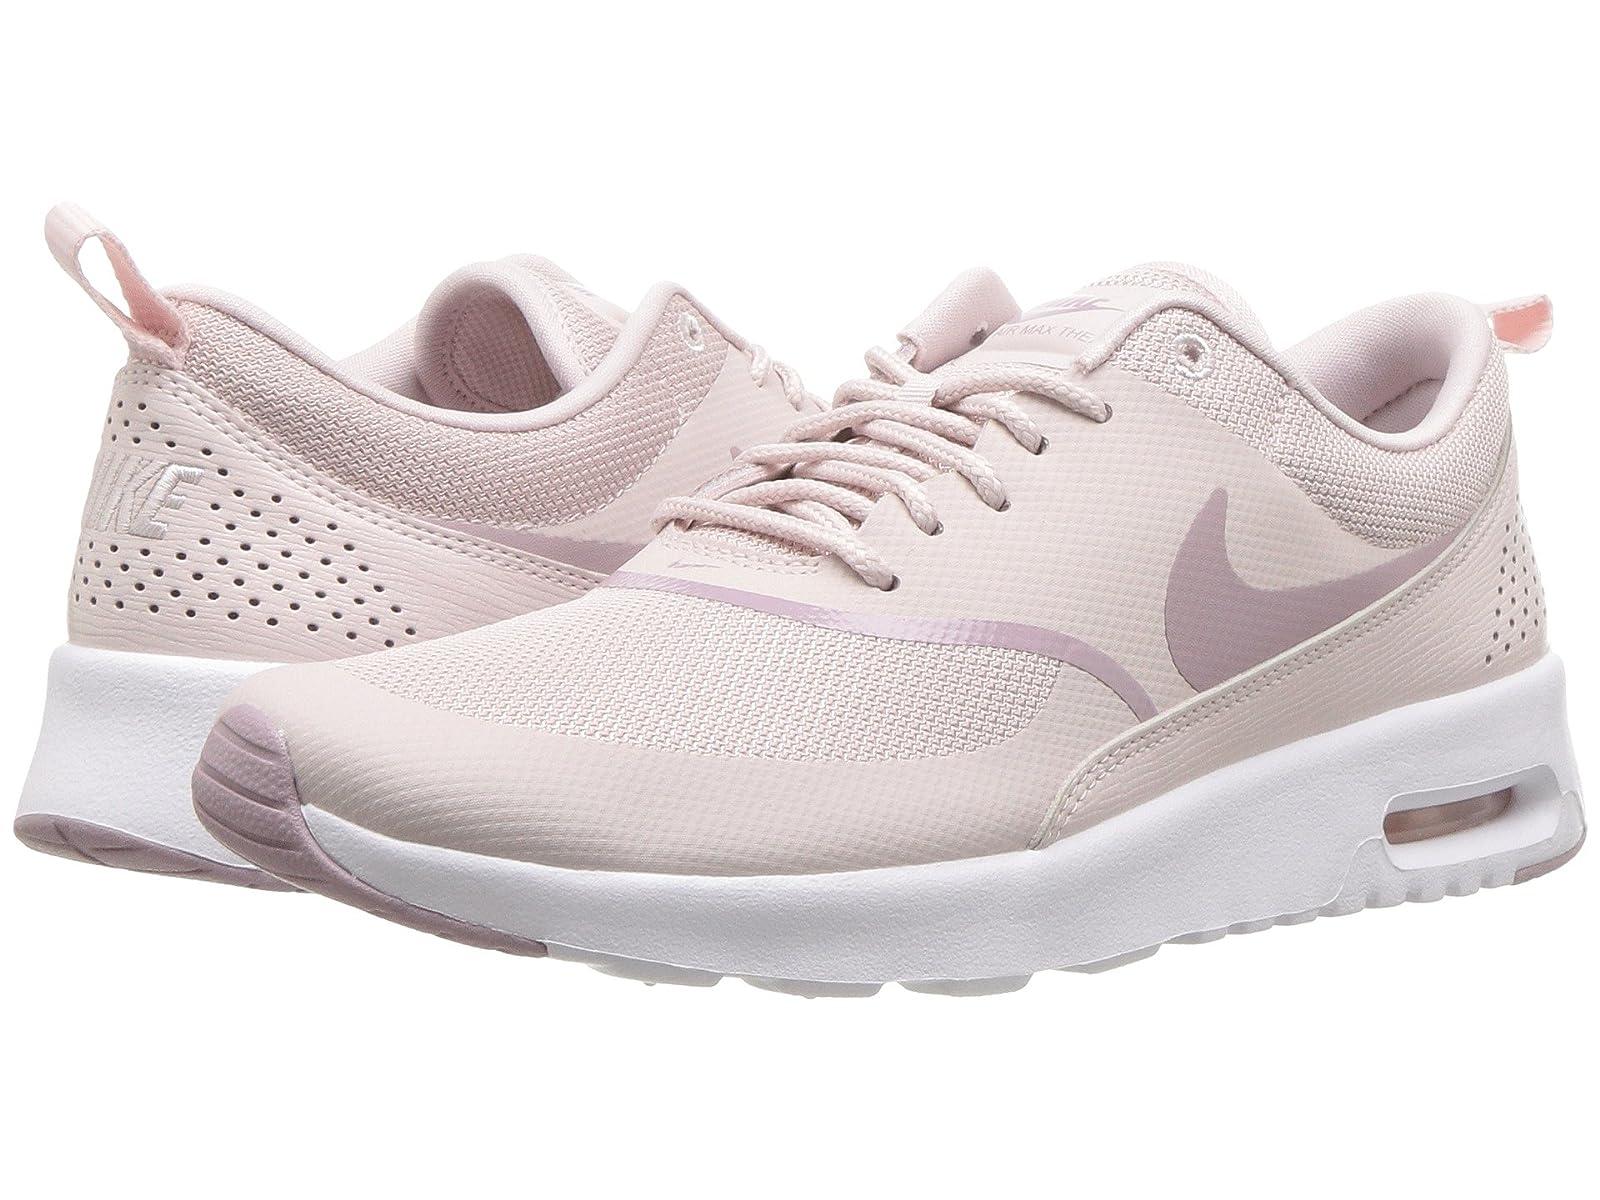 Nike Air Max TheaCheap and distinctive eye-catching shoes